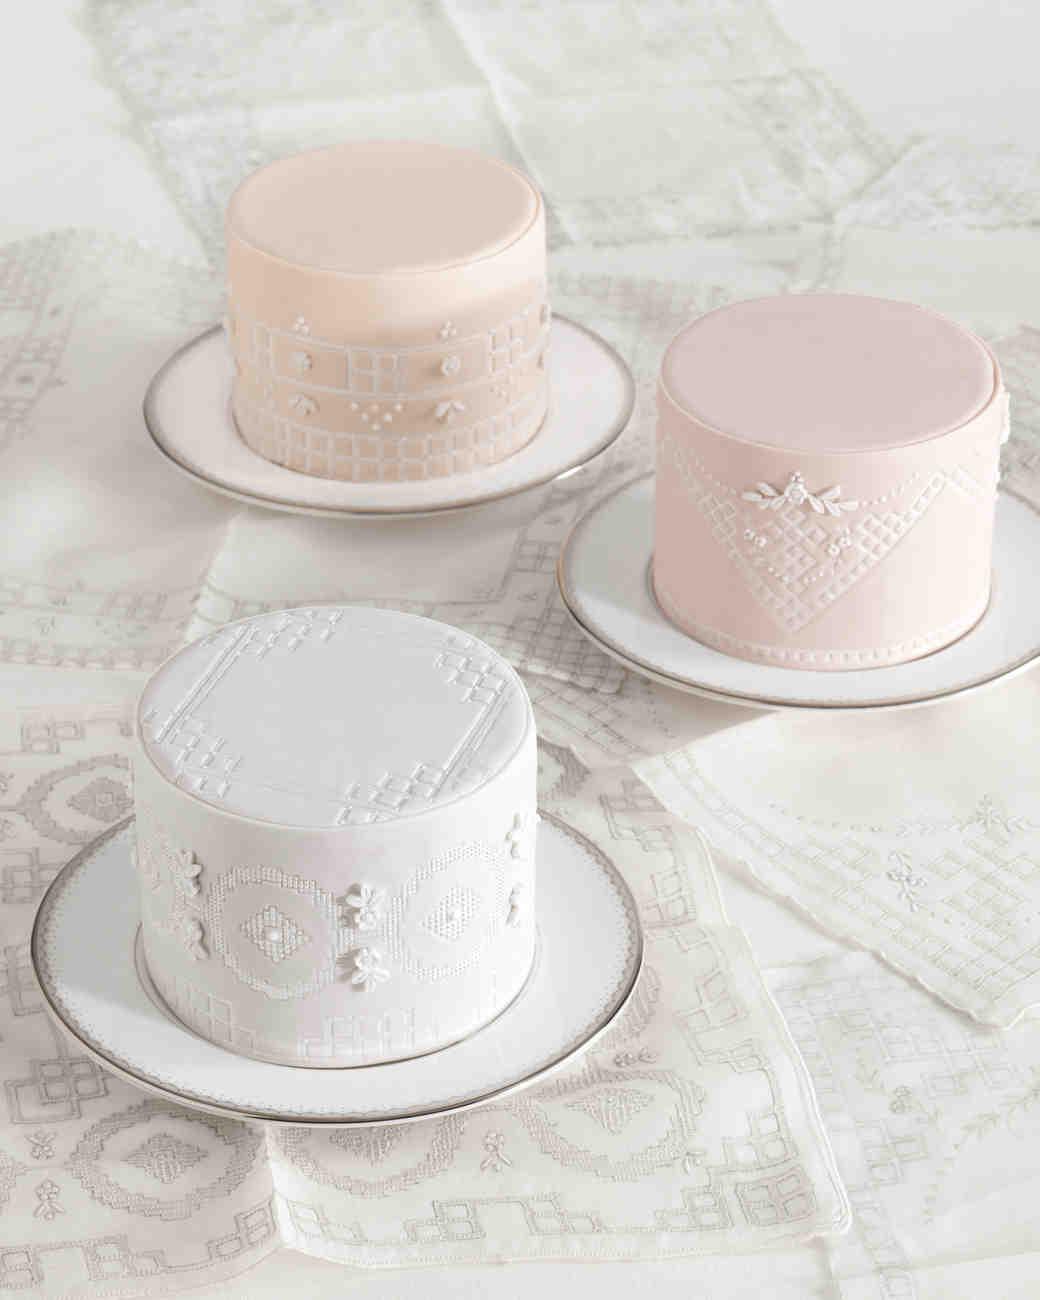 mini-cakes-155-d111019.jpg